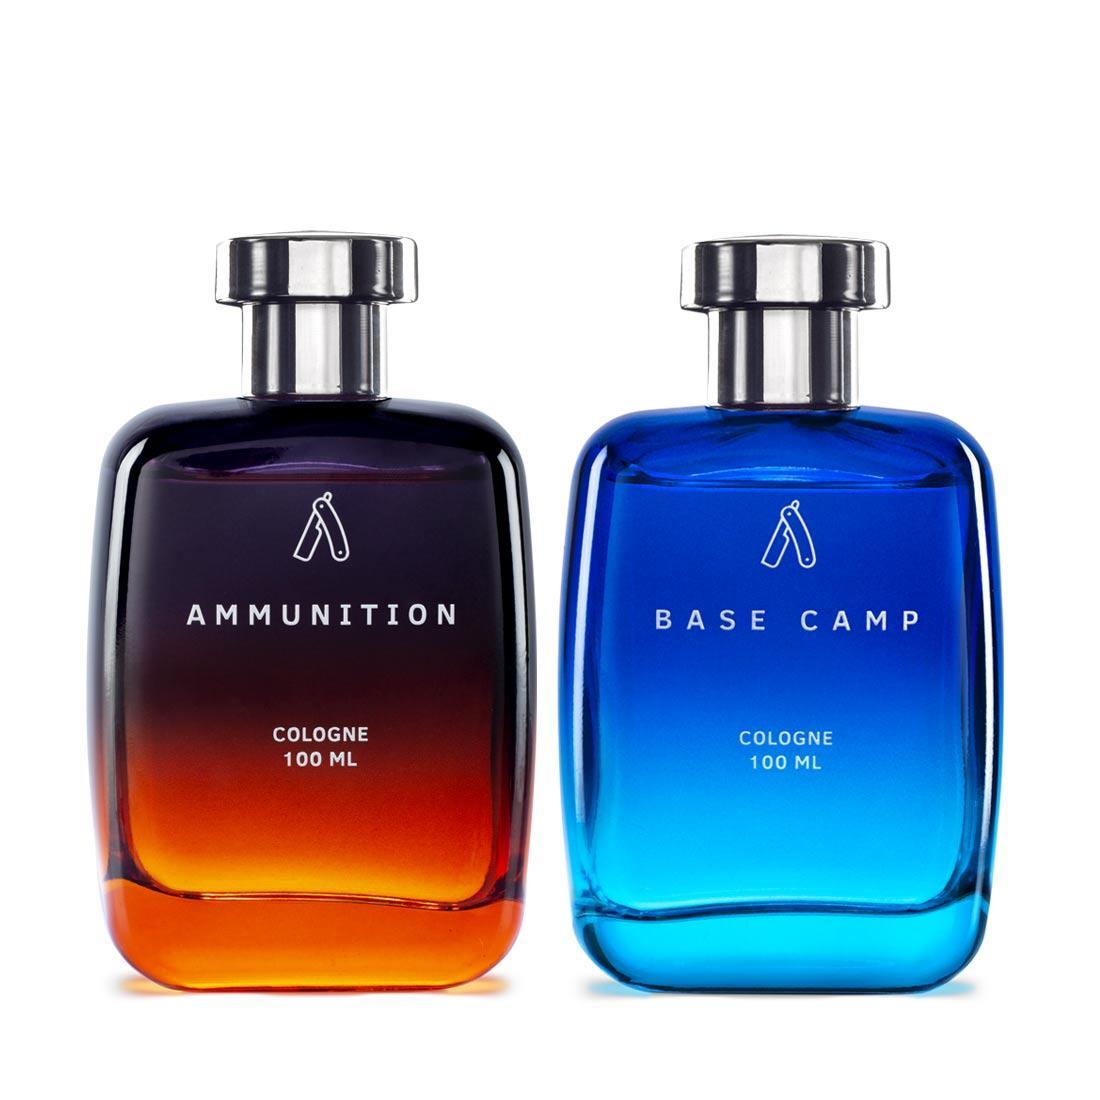 Fragrance Bundle - Ammunition & Base Camp - Perfume for Men